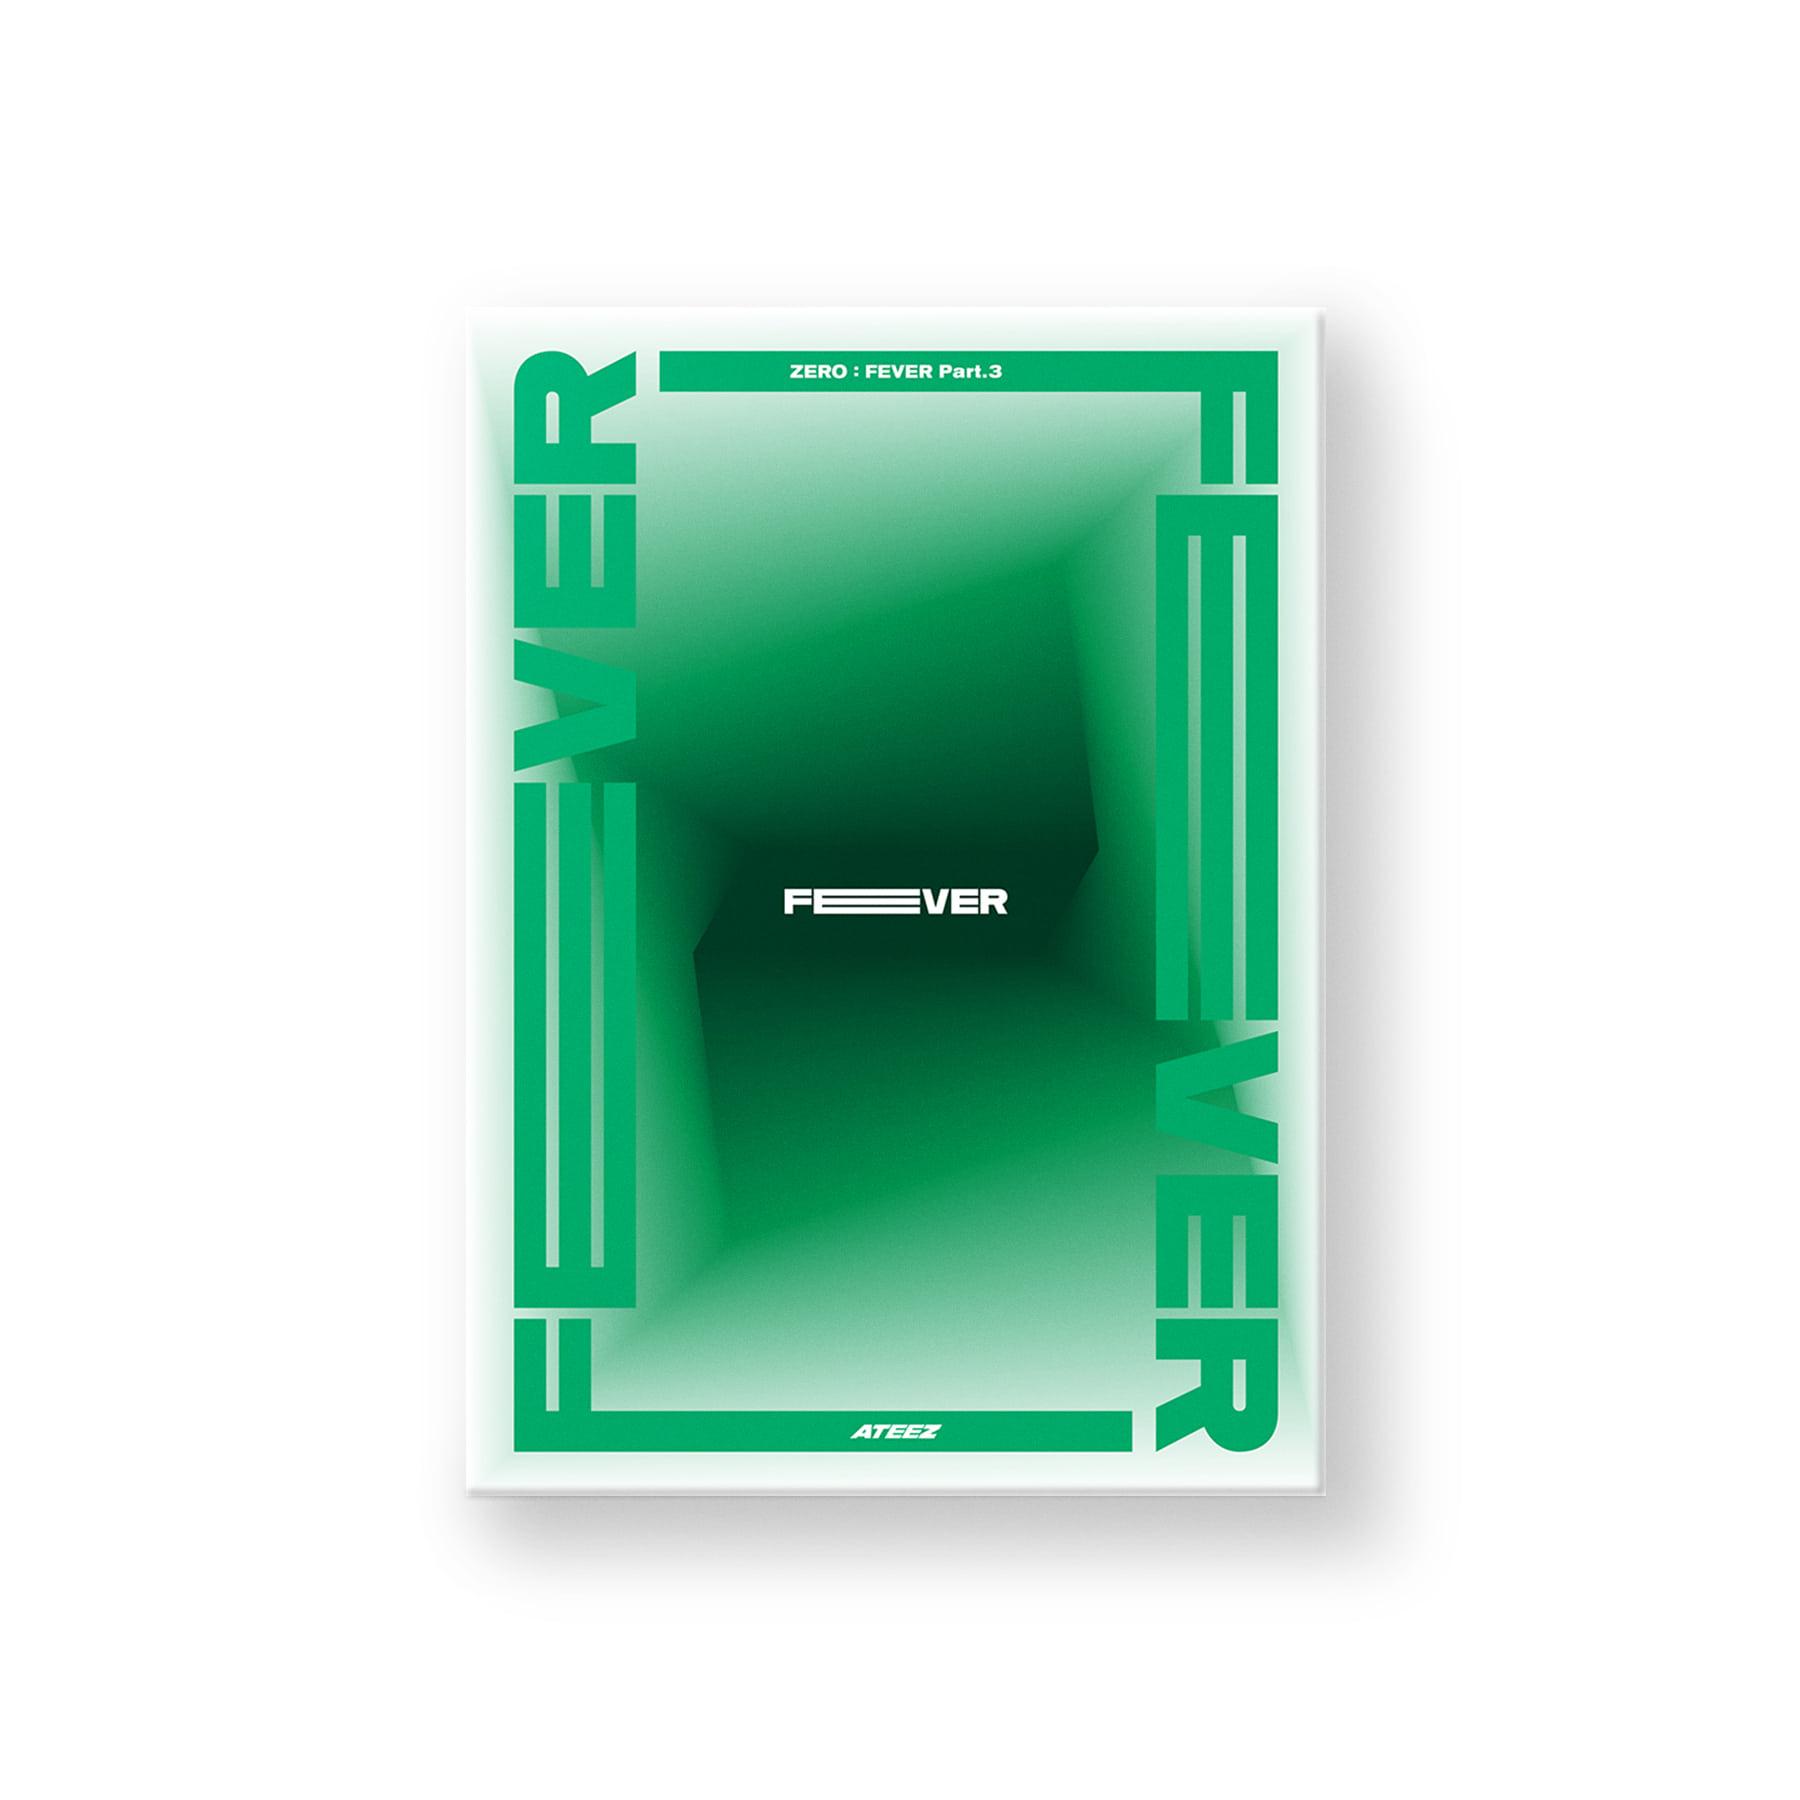 에이티즈(ATEEZ) - [ZERO : FEVER Part.3] (A Ver.)케이팝스토어(kpop store)